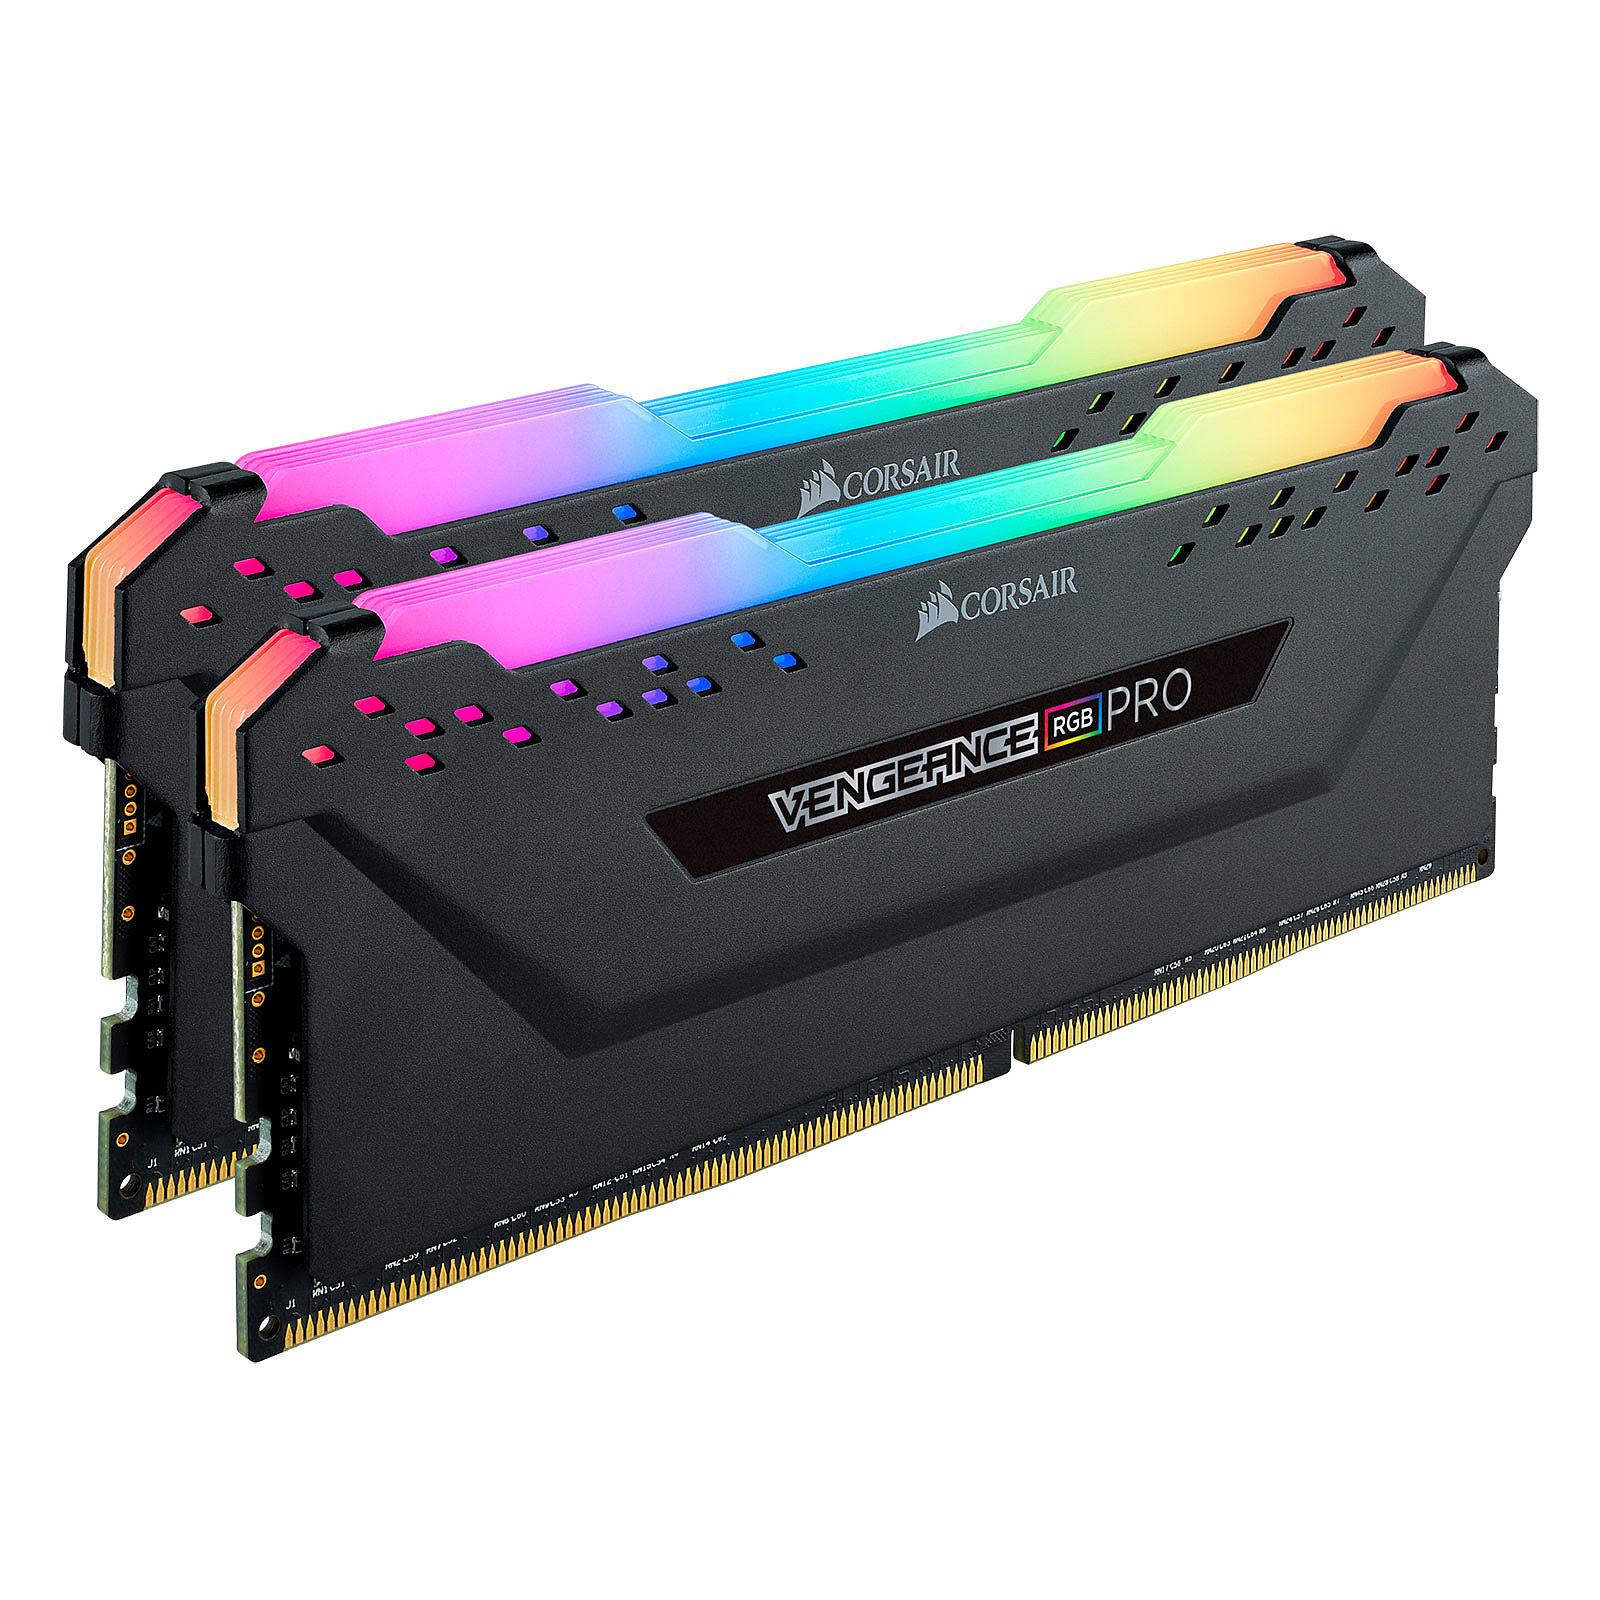 Corsair Vengeance RGB PRO  16Go DDR4 3200MHz PC25600 - Mémoire PC Corsair sur Cybertek.fr - 0